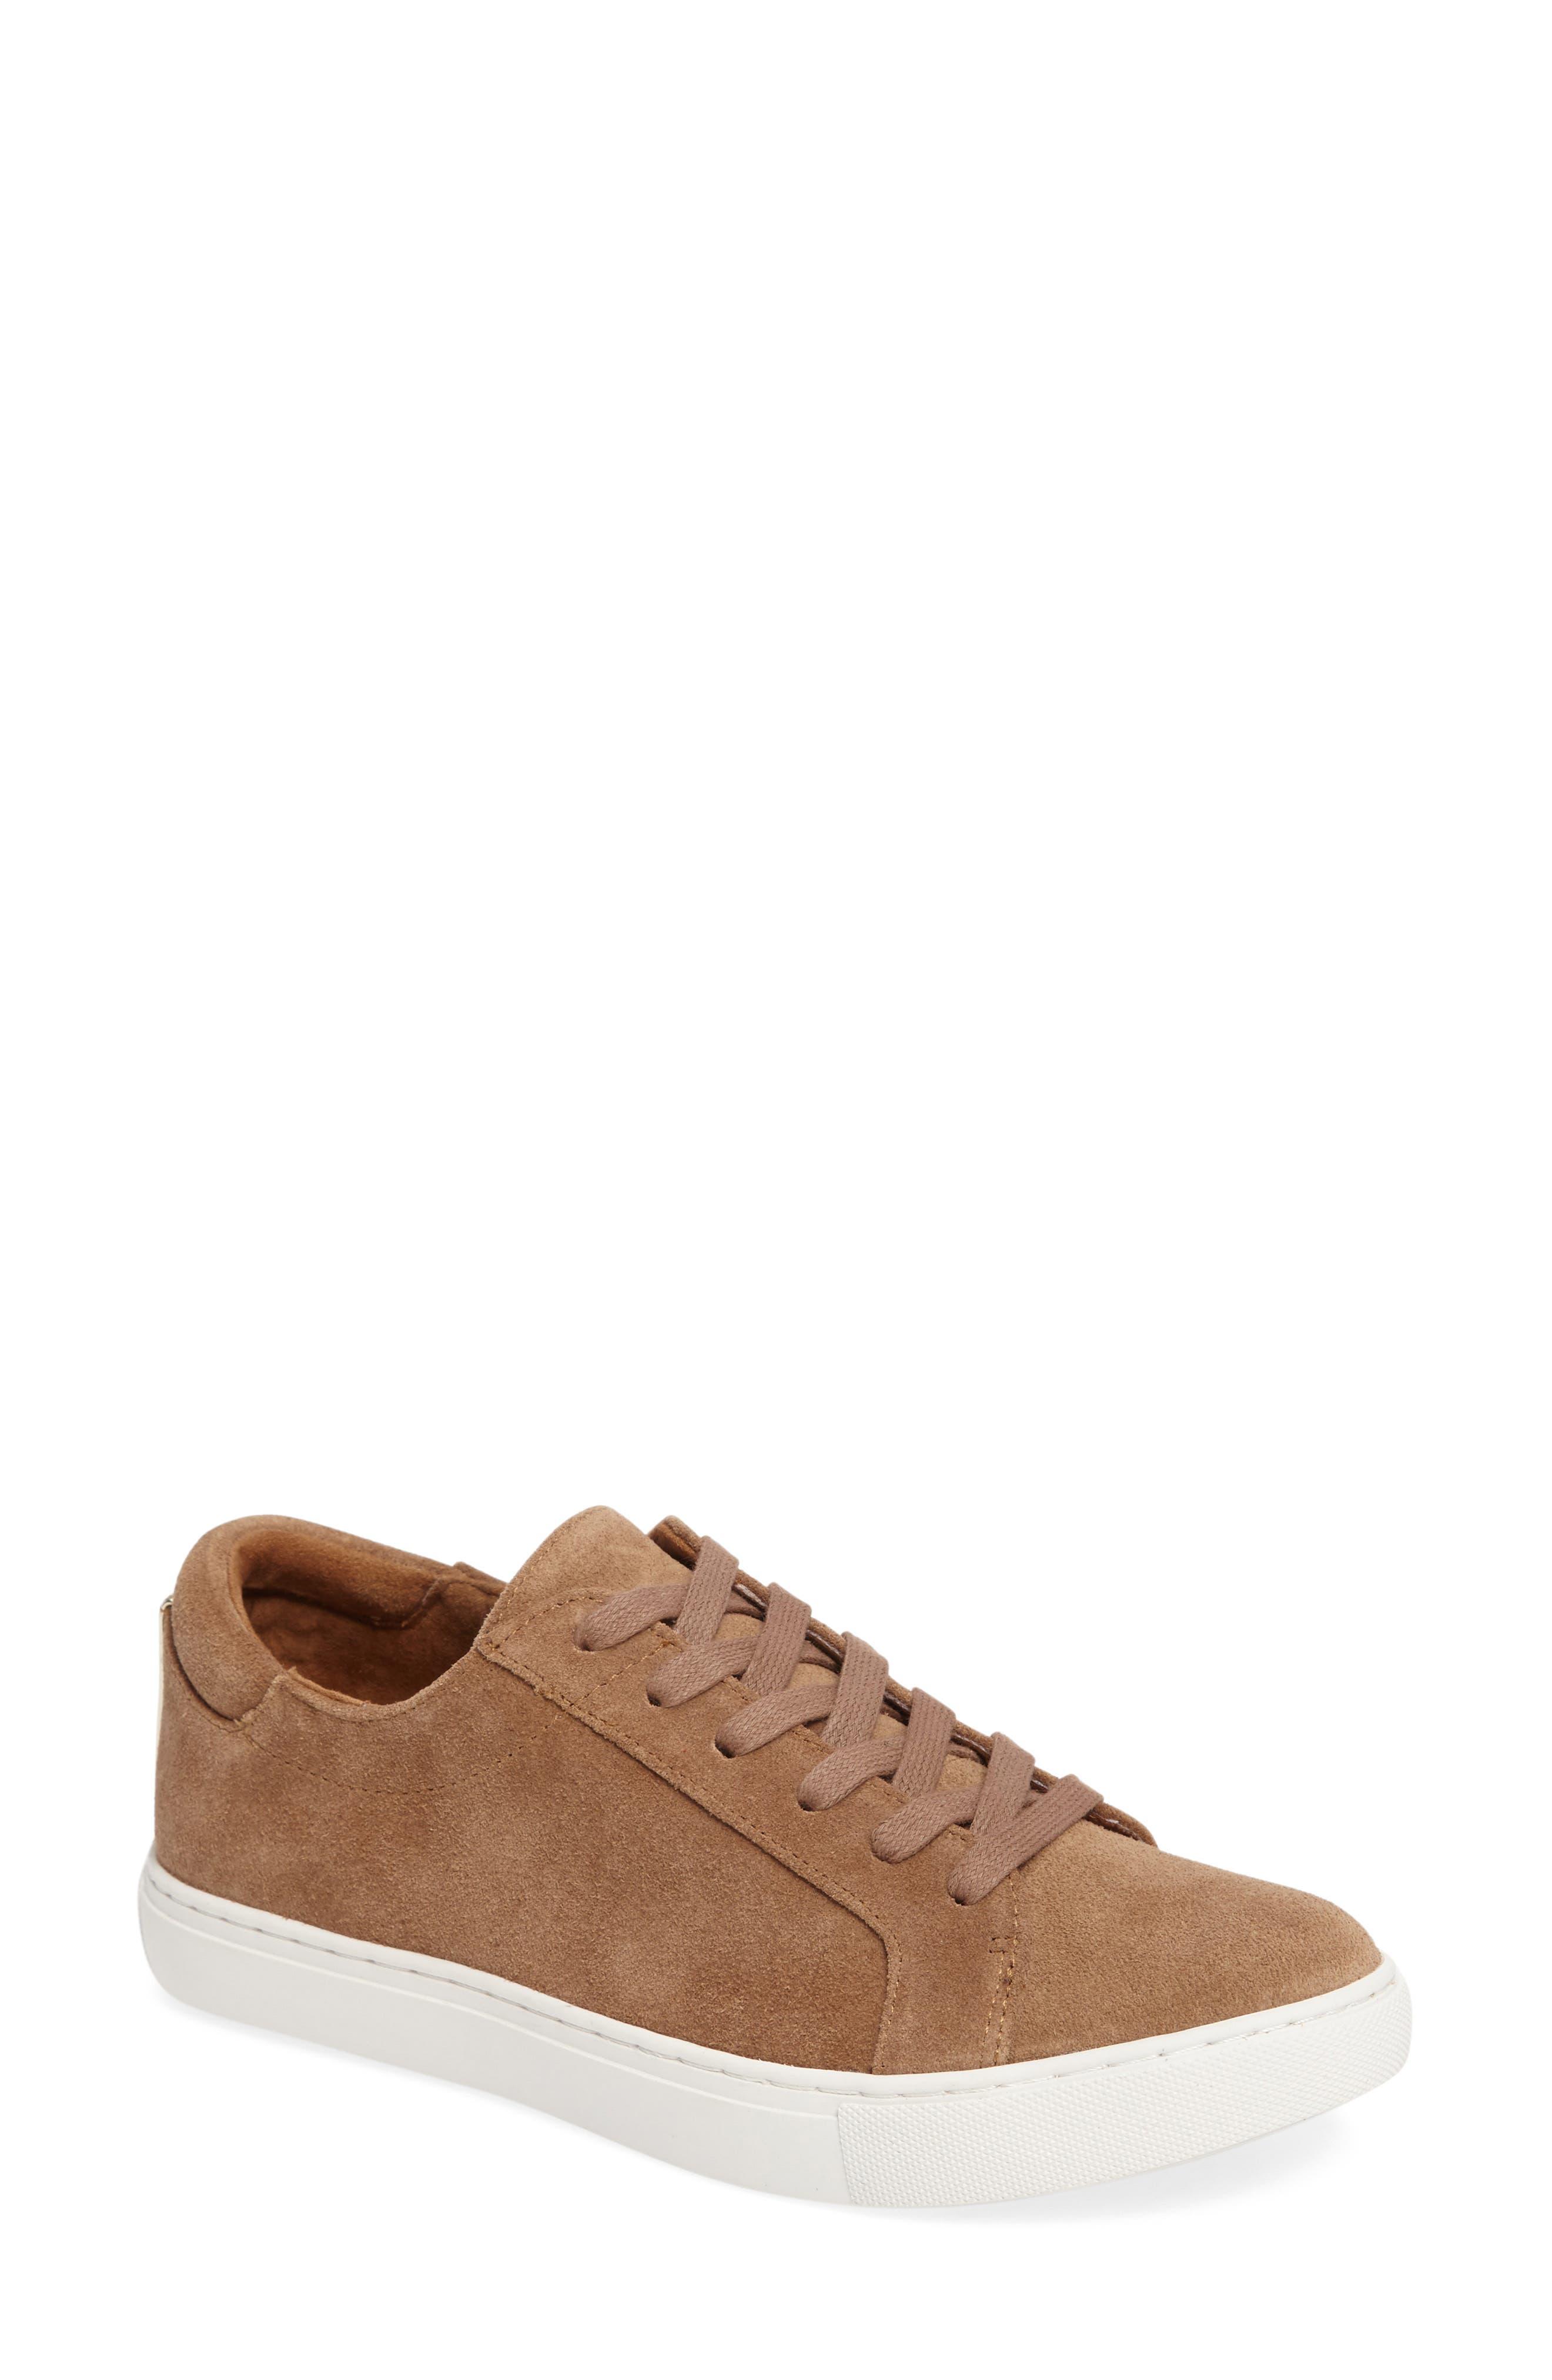 'Kam' Sneaker,                             Alternate thumbnail 75, color,